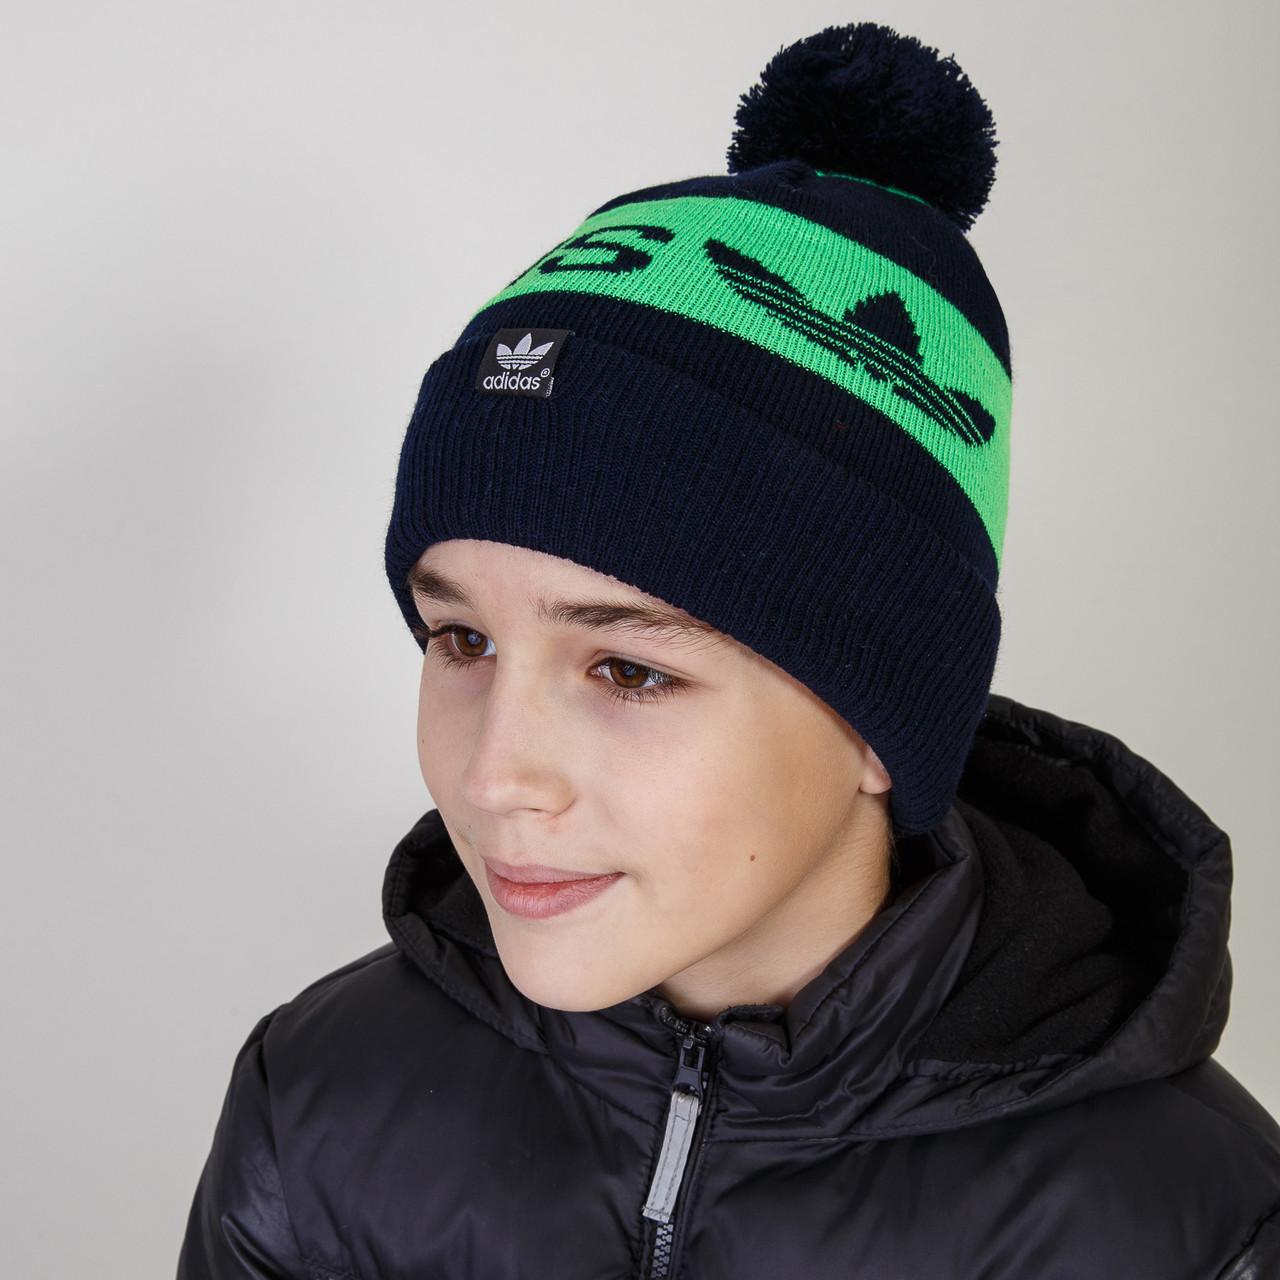 Спортивная шапка с помпоном для мальчика зима оптом  - Артикул 2767